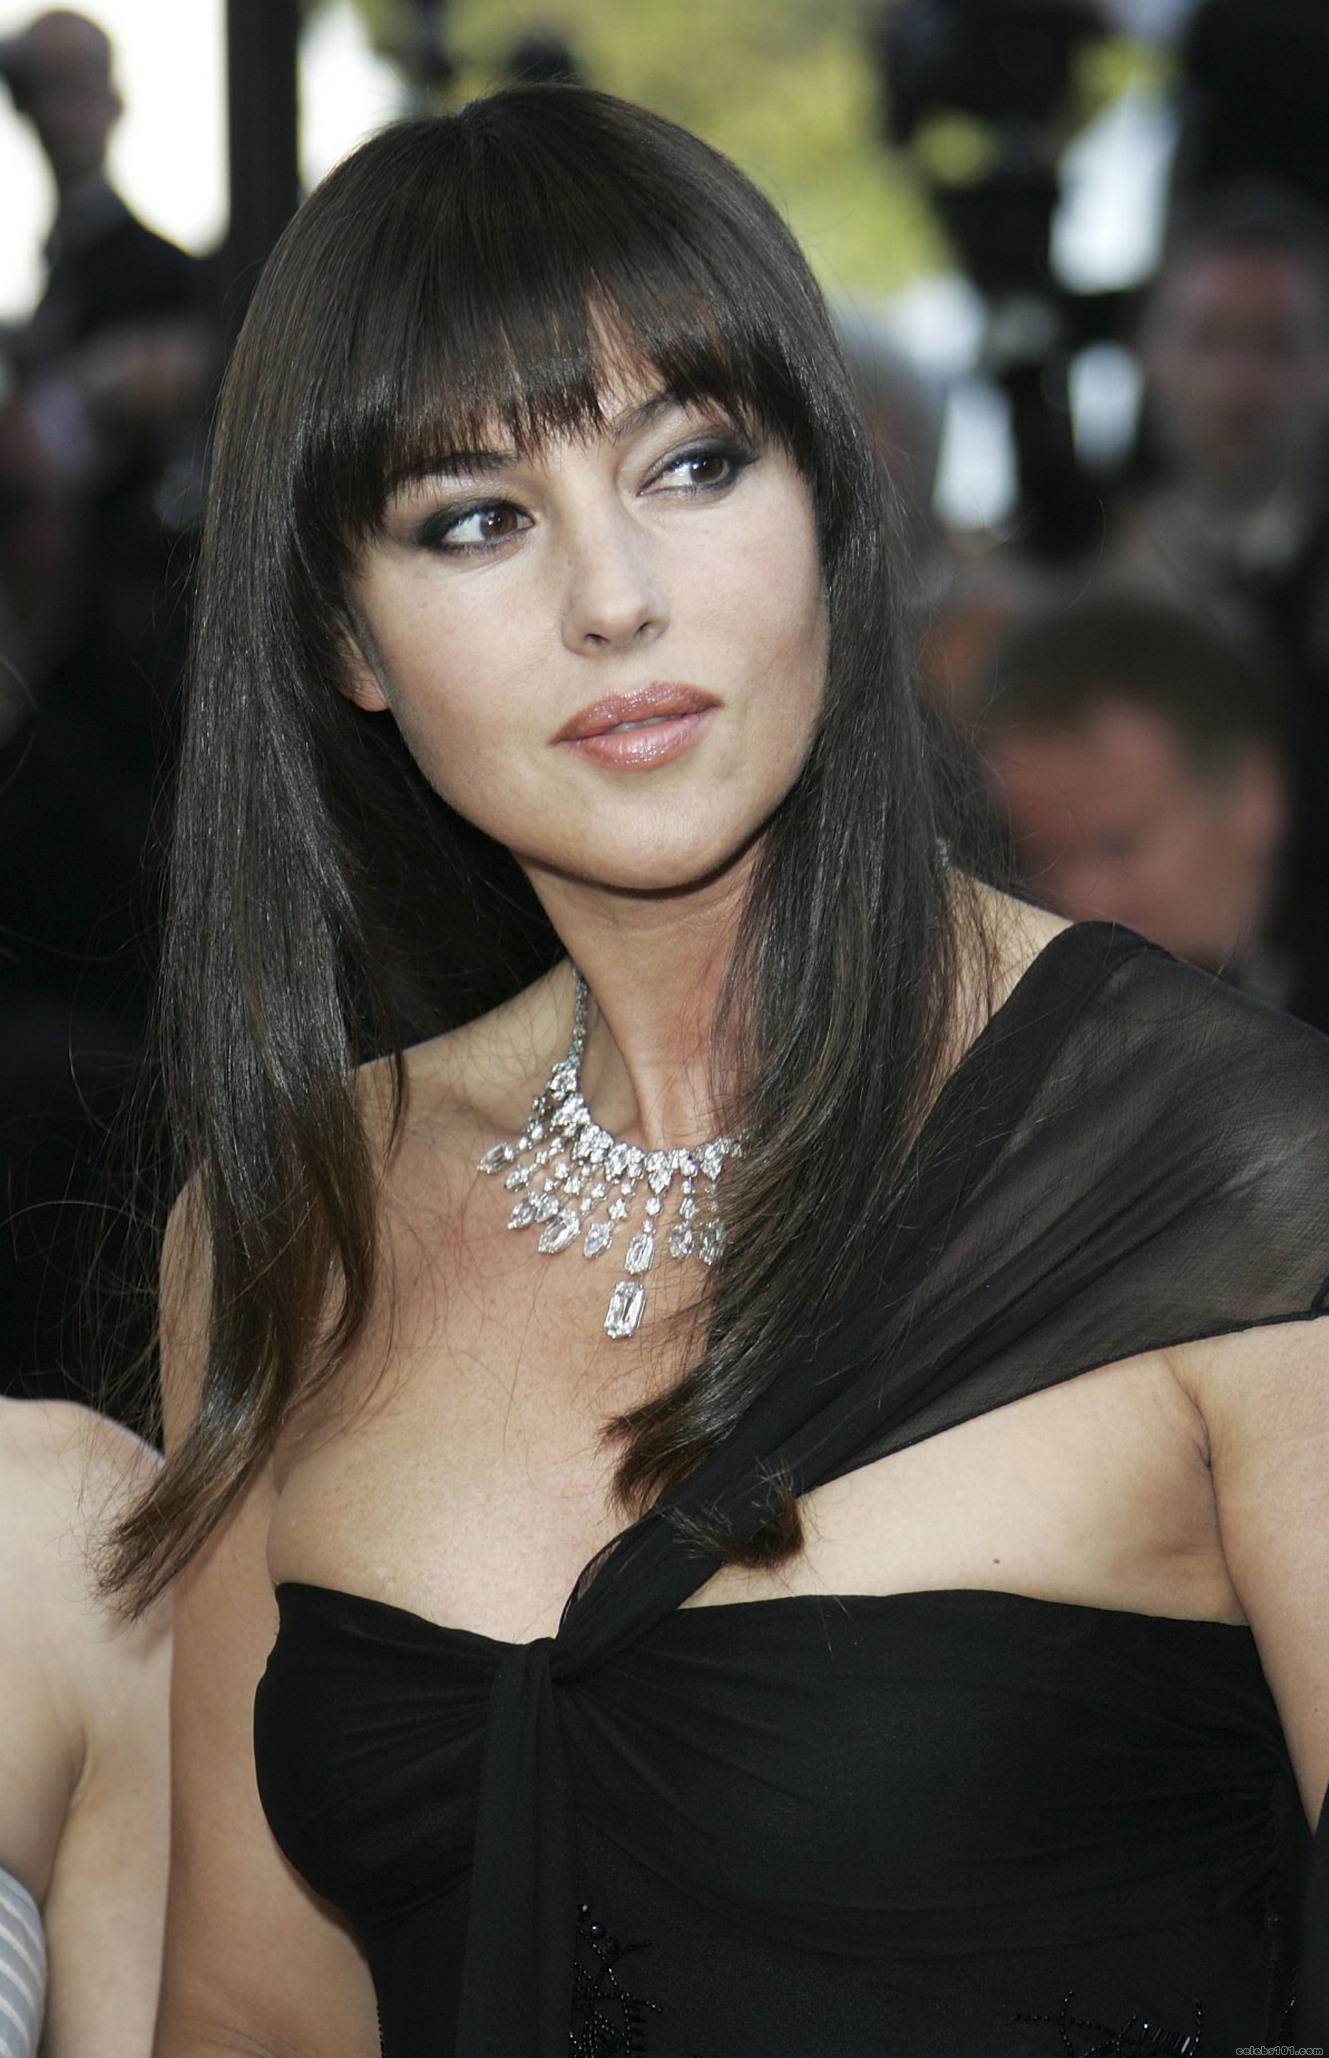 Maria belucci in black st from milfmeetcom - 5 3